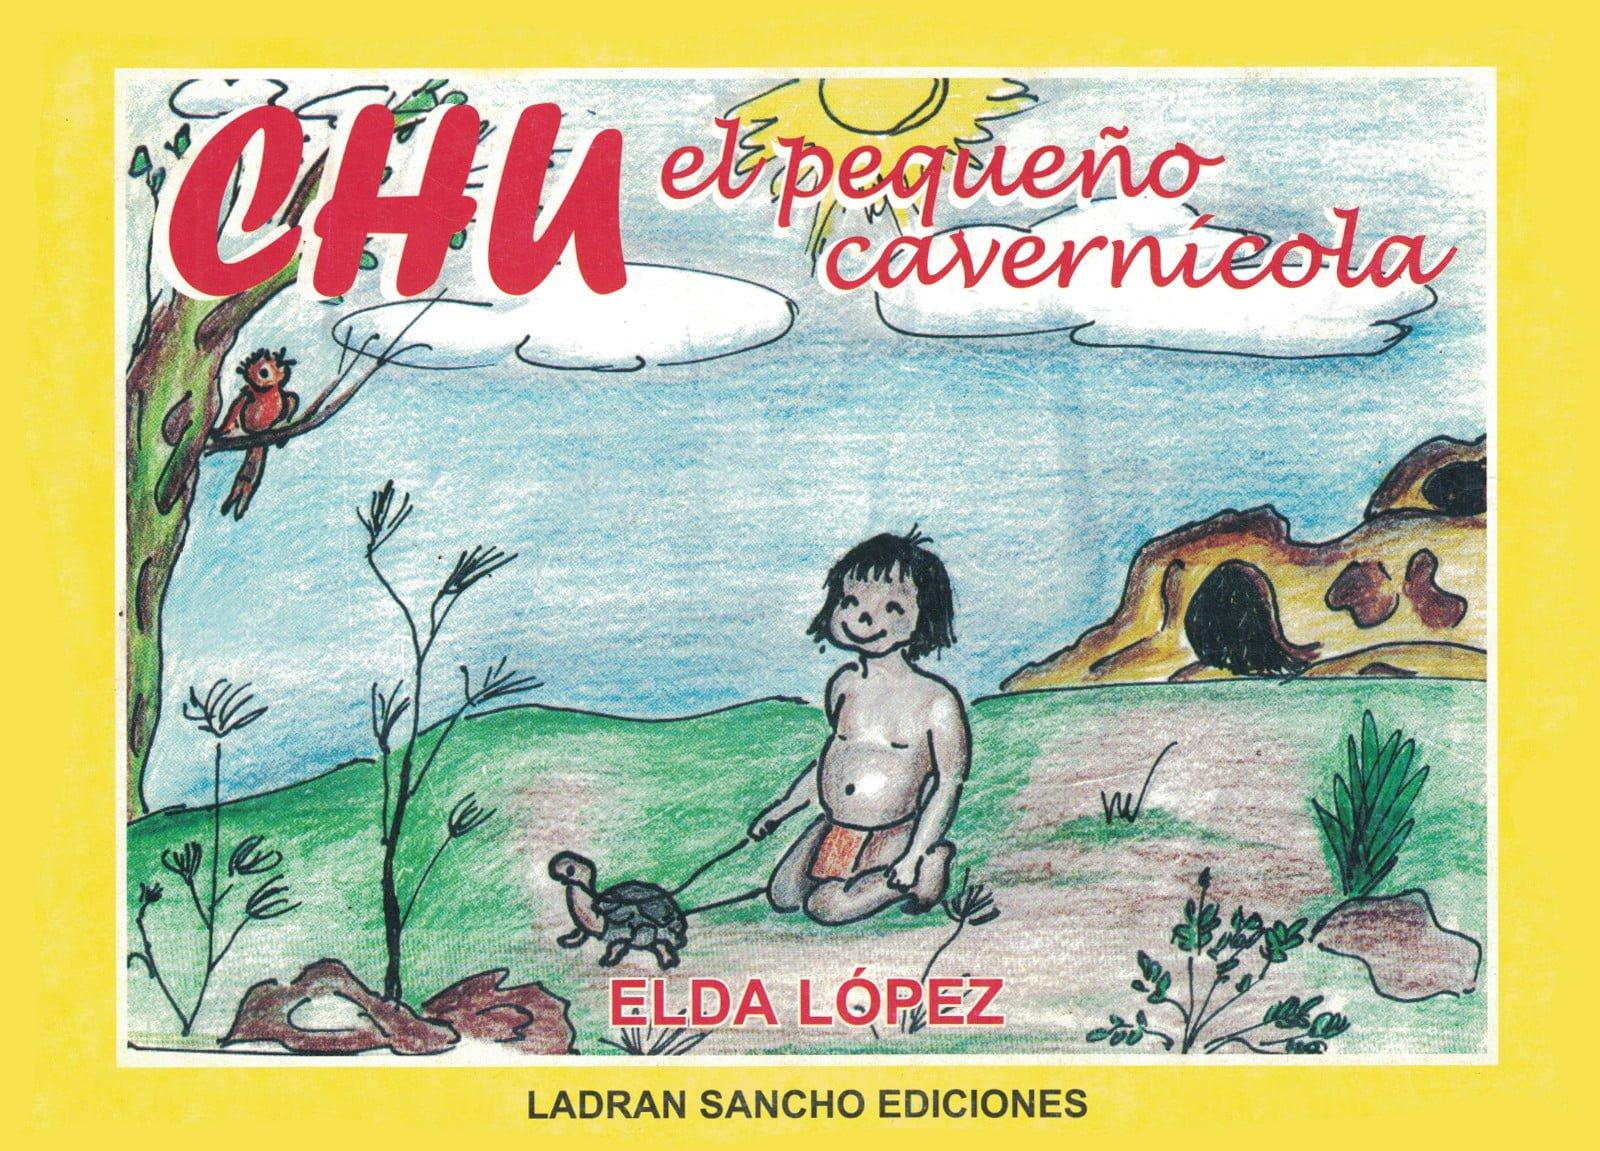 Tapa del Libro: Chu el pequeño cavernícola de Elda López